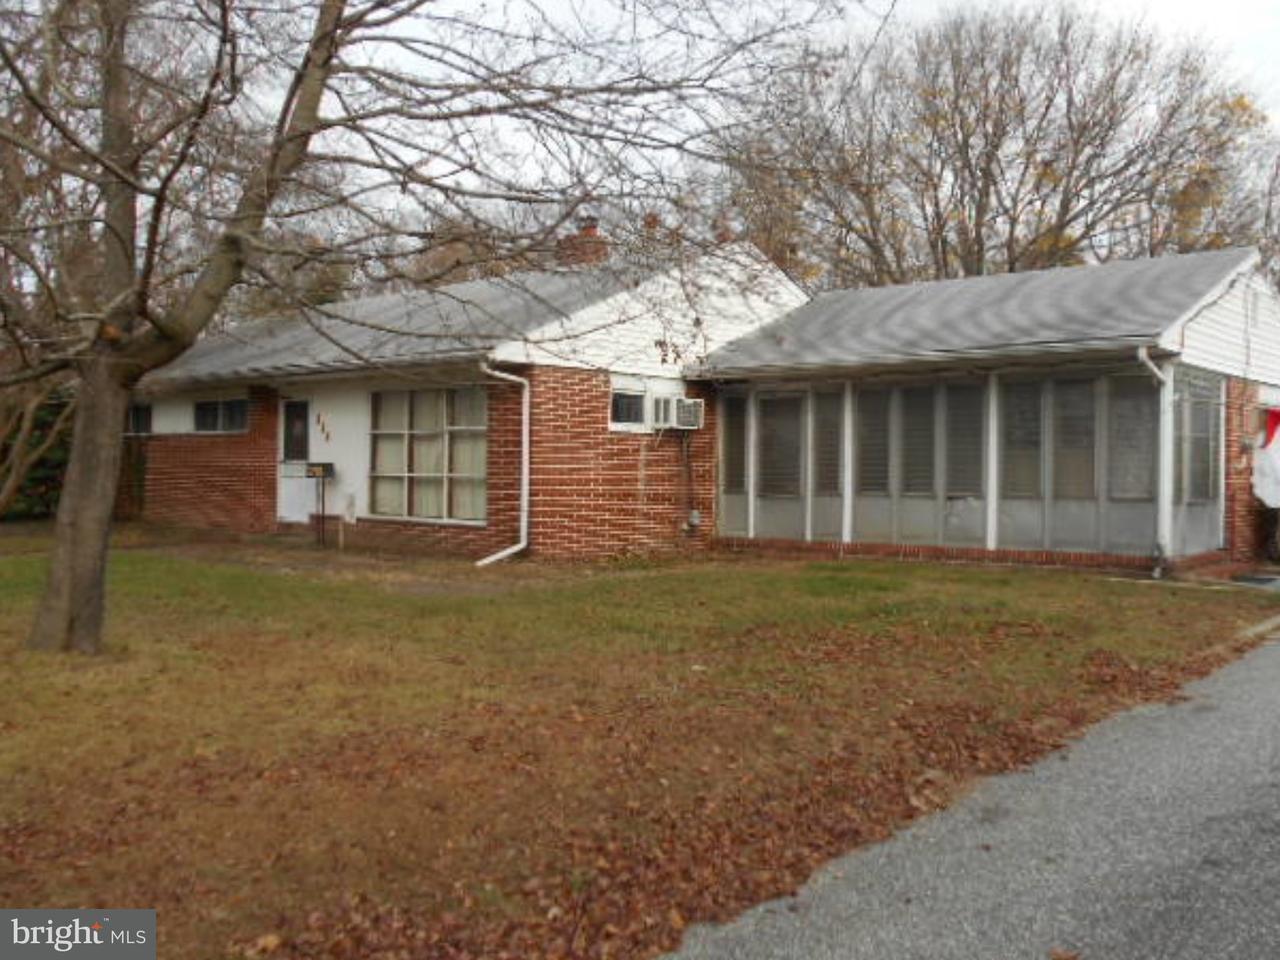 Частный односемейный дом для того Продажа на 333 JEFFERSON Street Carneys Point, Нью-Джерси 08069 Соединенные Штаты